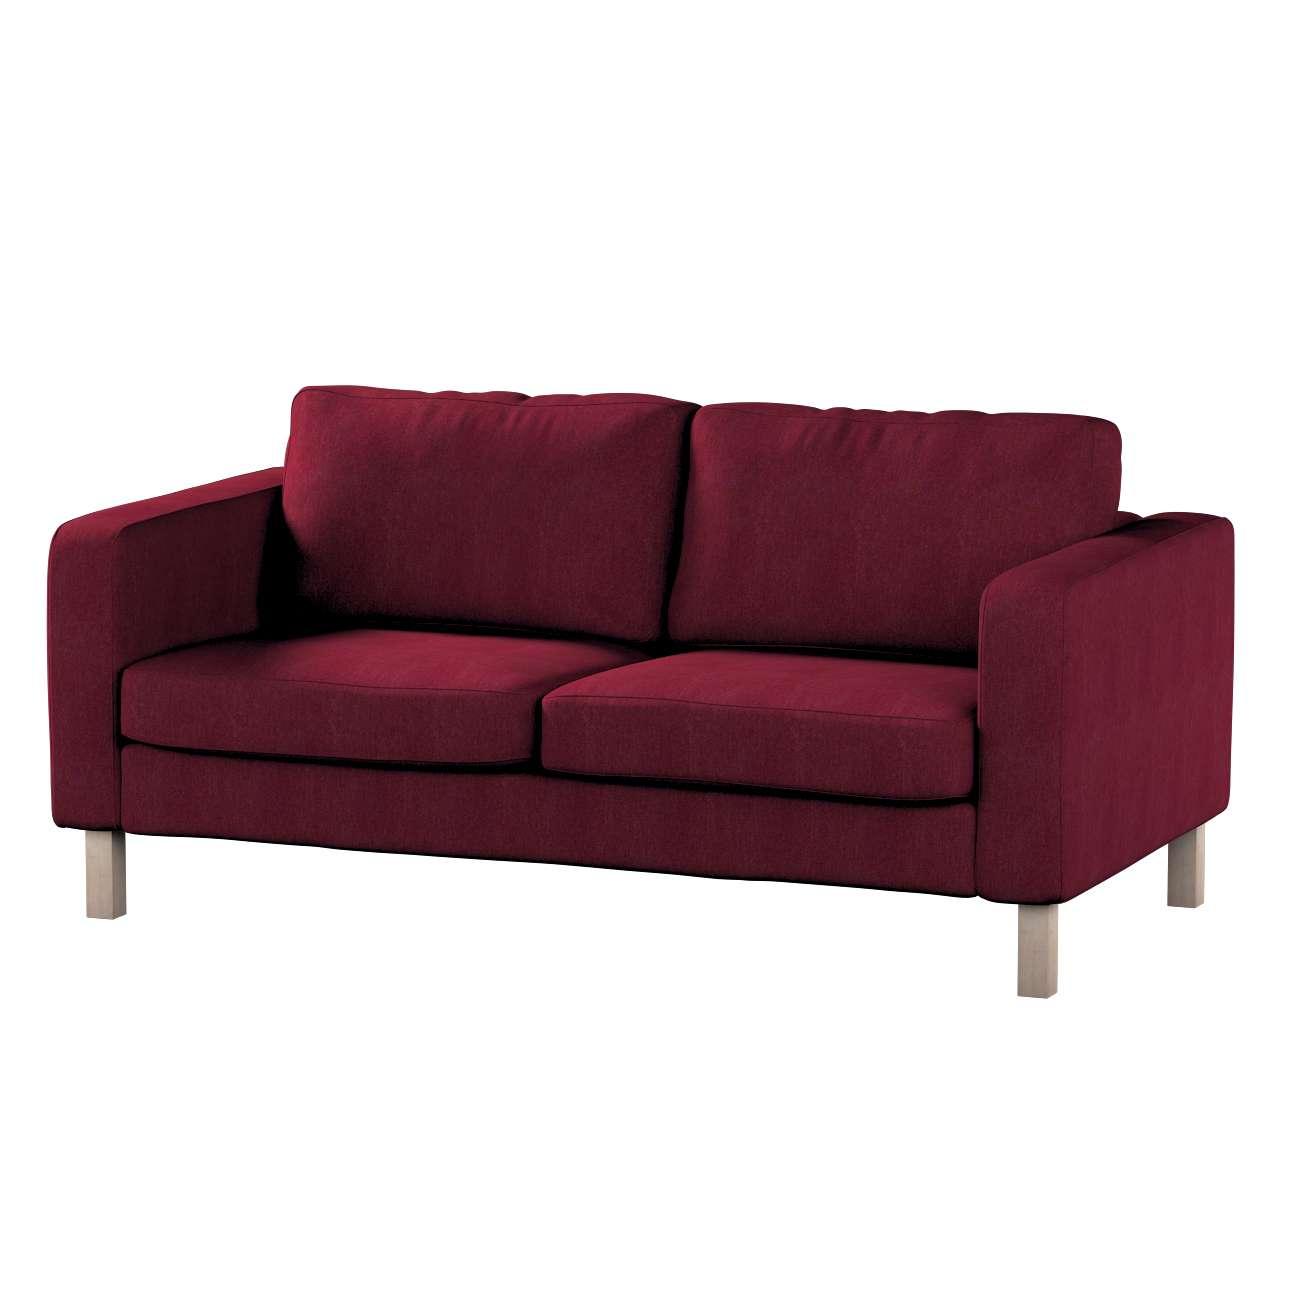 Pokrowiec na sofę Karlstad 2-osobową nierozkładaną krótki Sofa Karlstad 2-osobowa w kolekcji Chenille, tkanina: 702-19